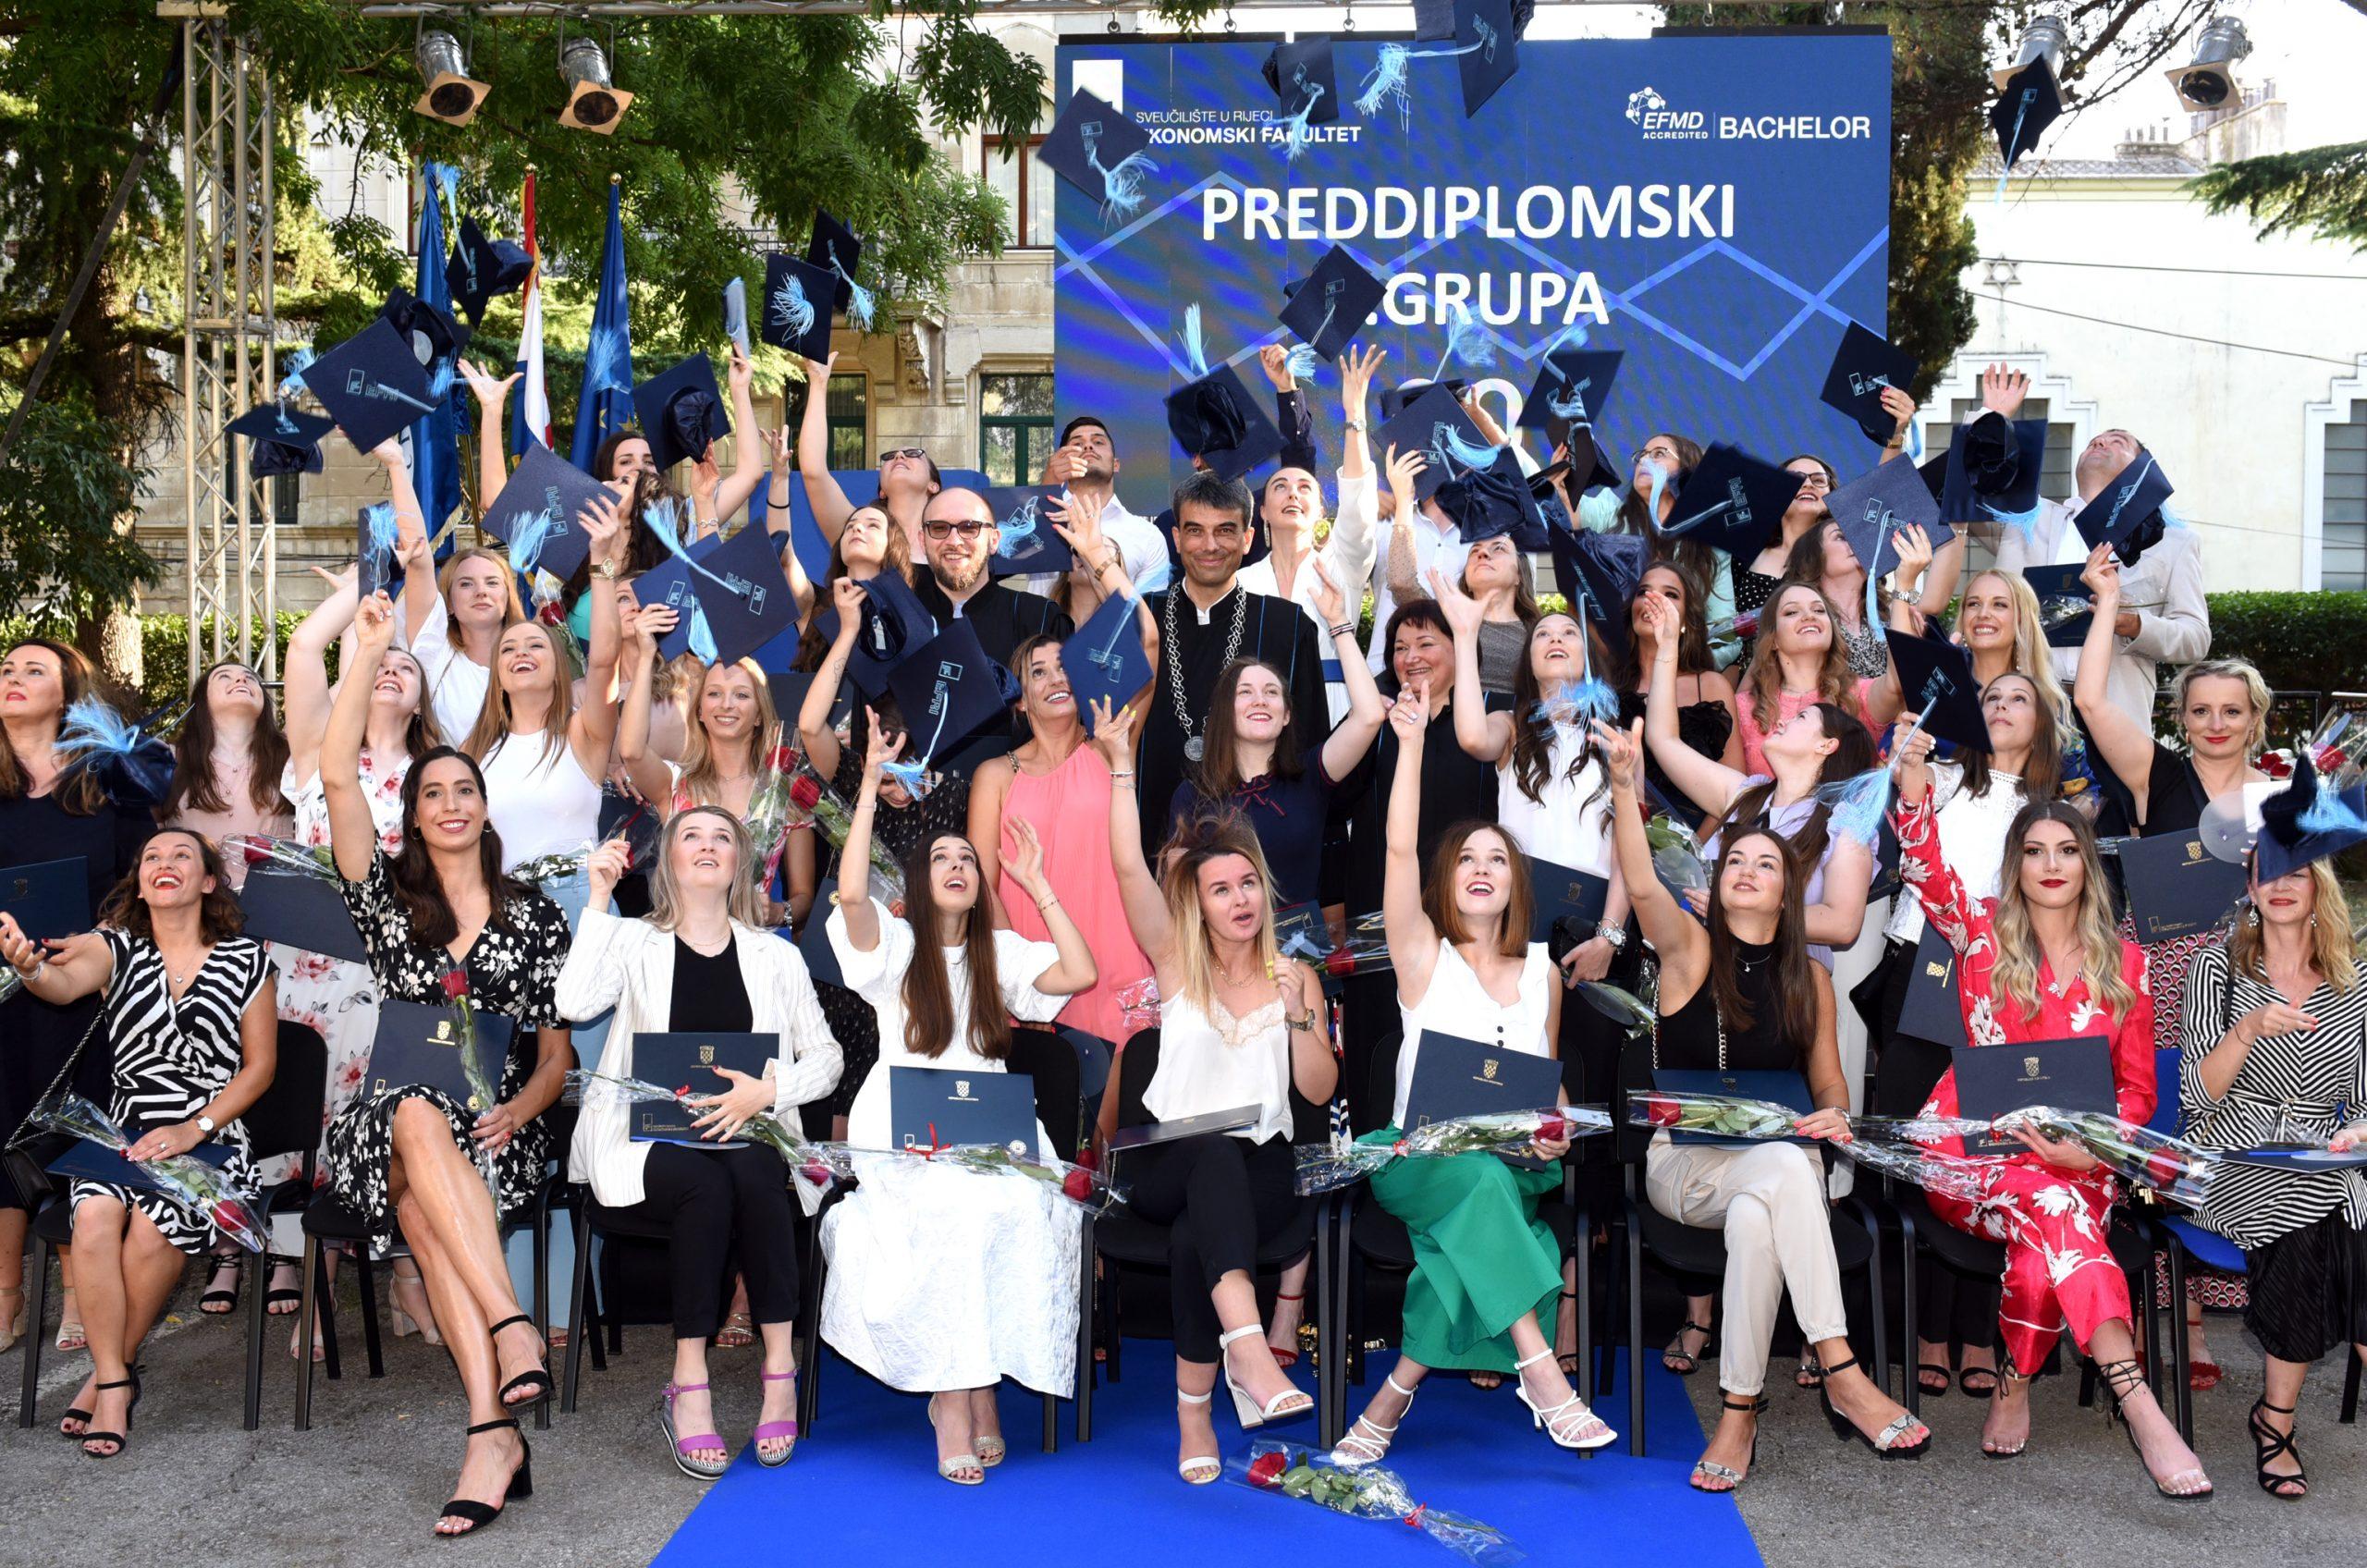 Ukupno je na Ekonomskom fakultetu u Rijeci promovirano 399 novih ekonomista / Foto M. GRACIN